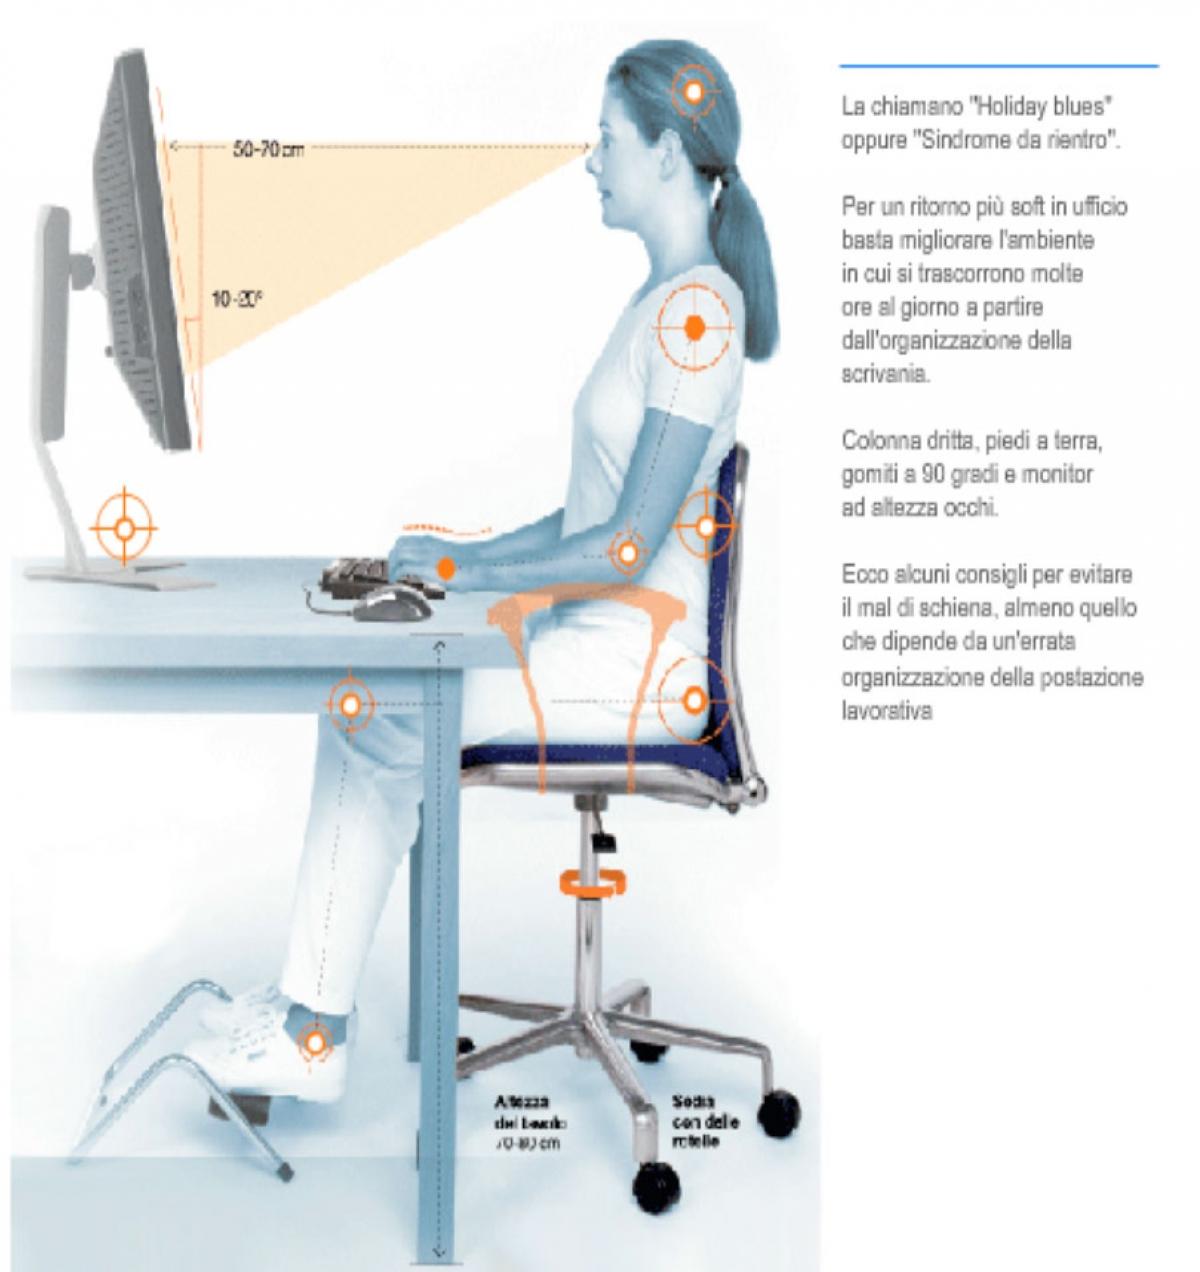 Postazione Ergonomica Per Computer mouse, sedia e computer . i segreti per evitare i mali da